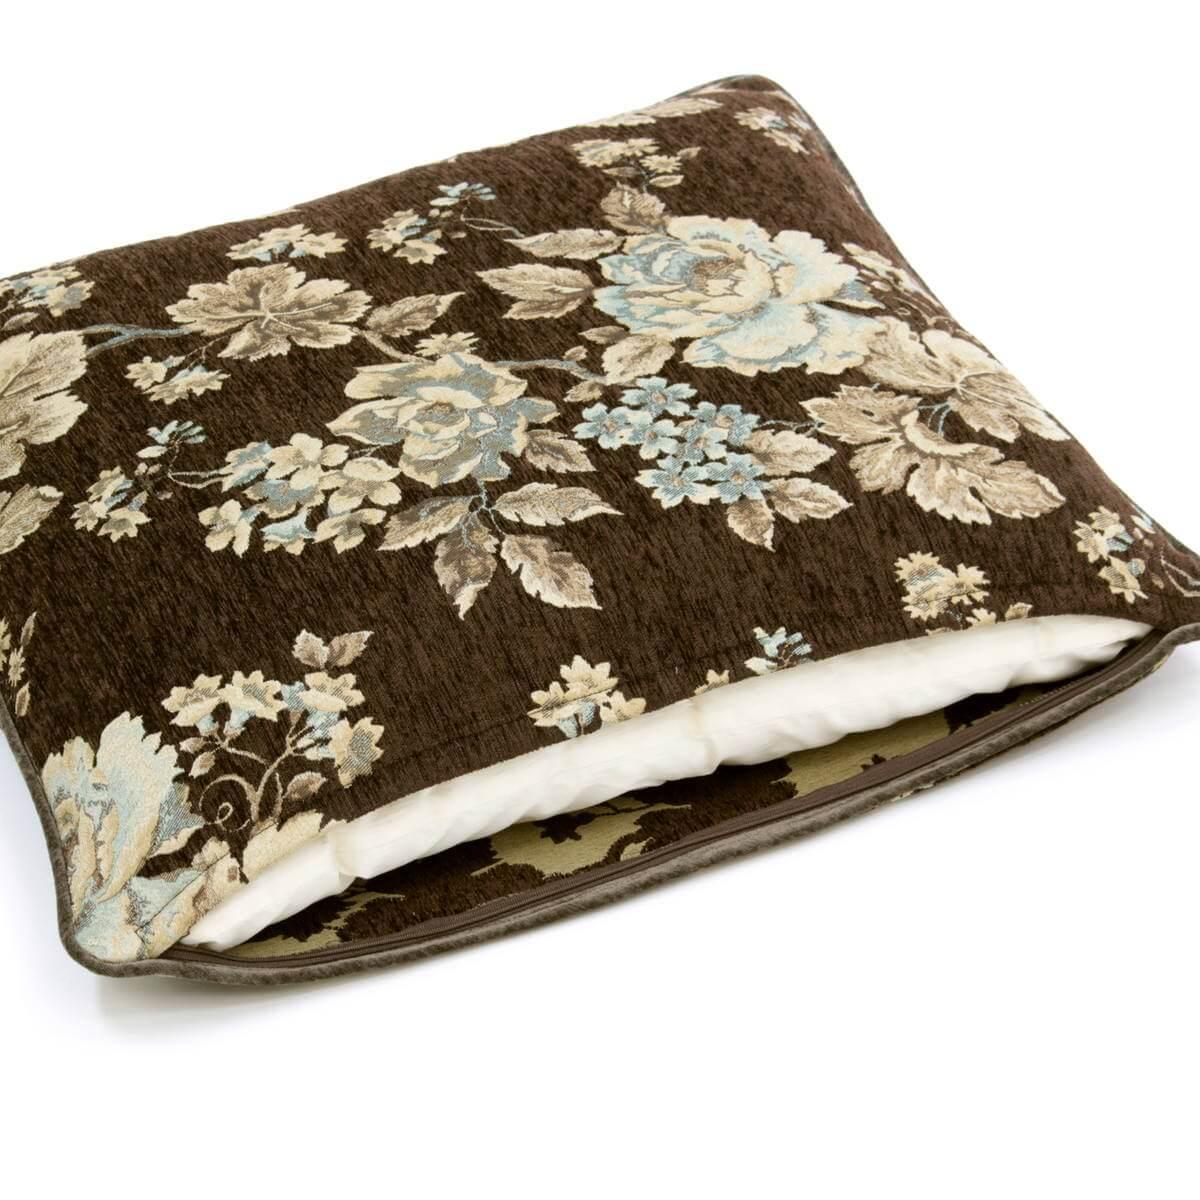 マチルダシリーズの座布団カバーは広幅ファスナー付で中材の出し入れが楽です。